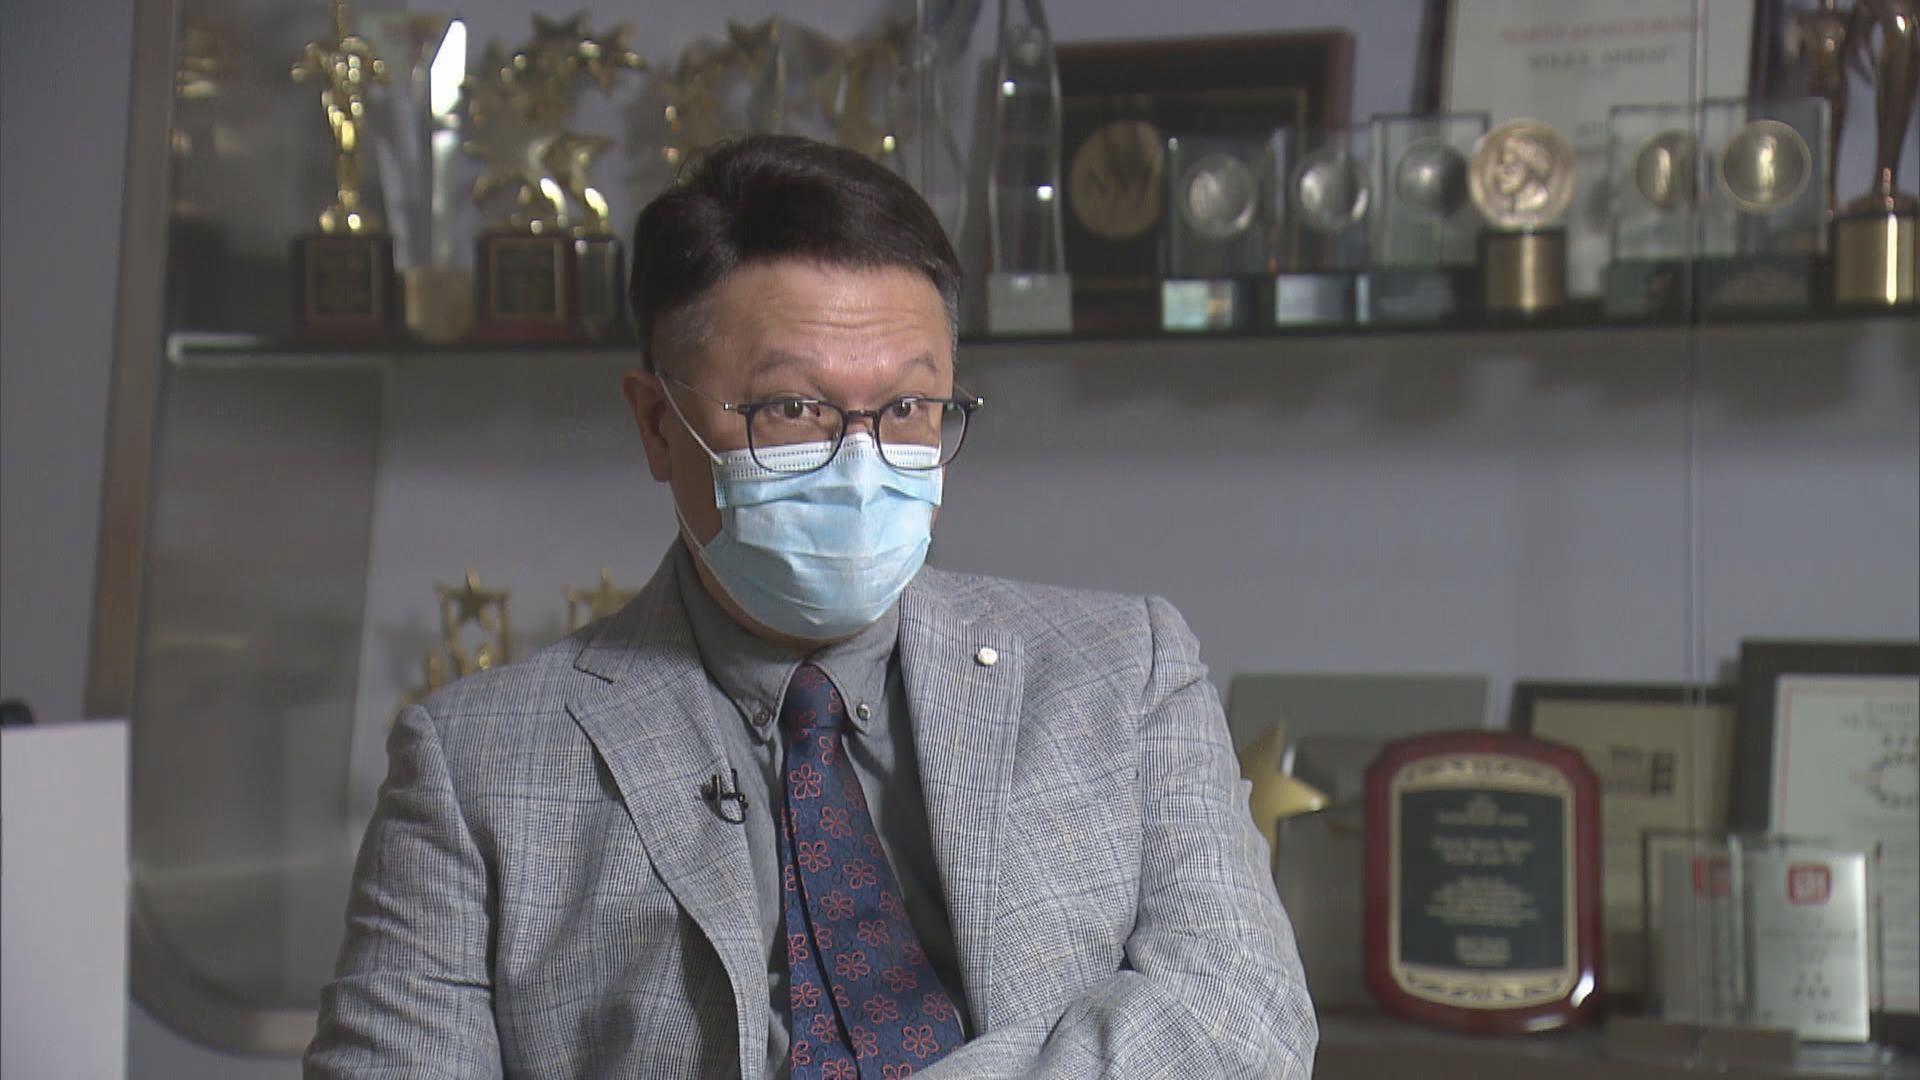 許樹昌懷疑有檢測樣本於實驗室受污染 衞生防護中心否認